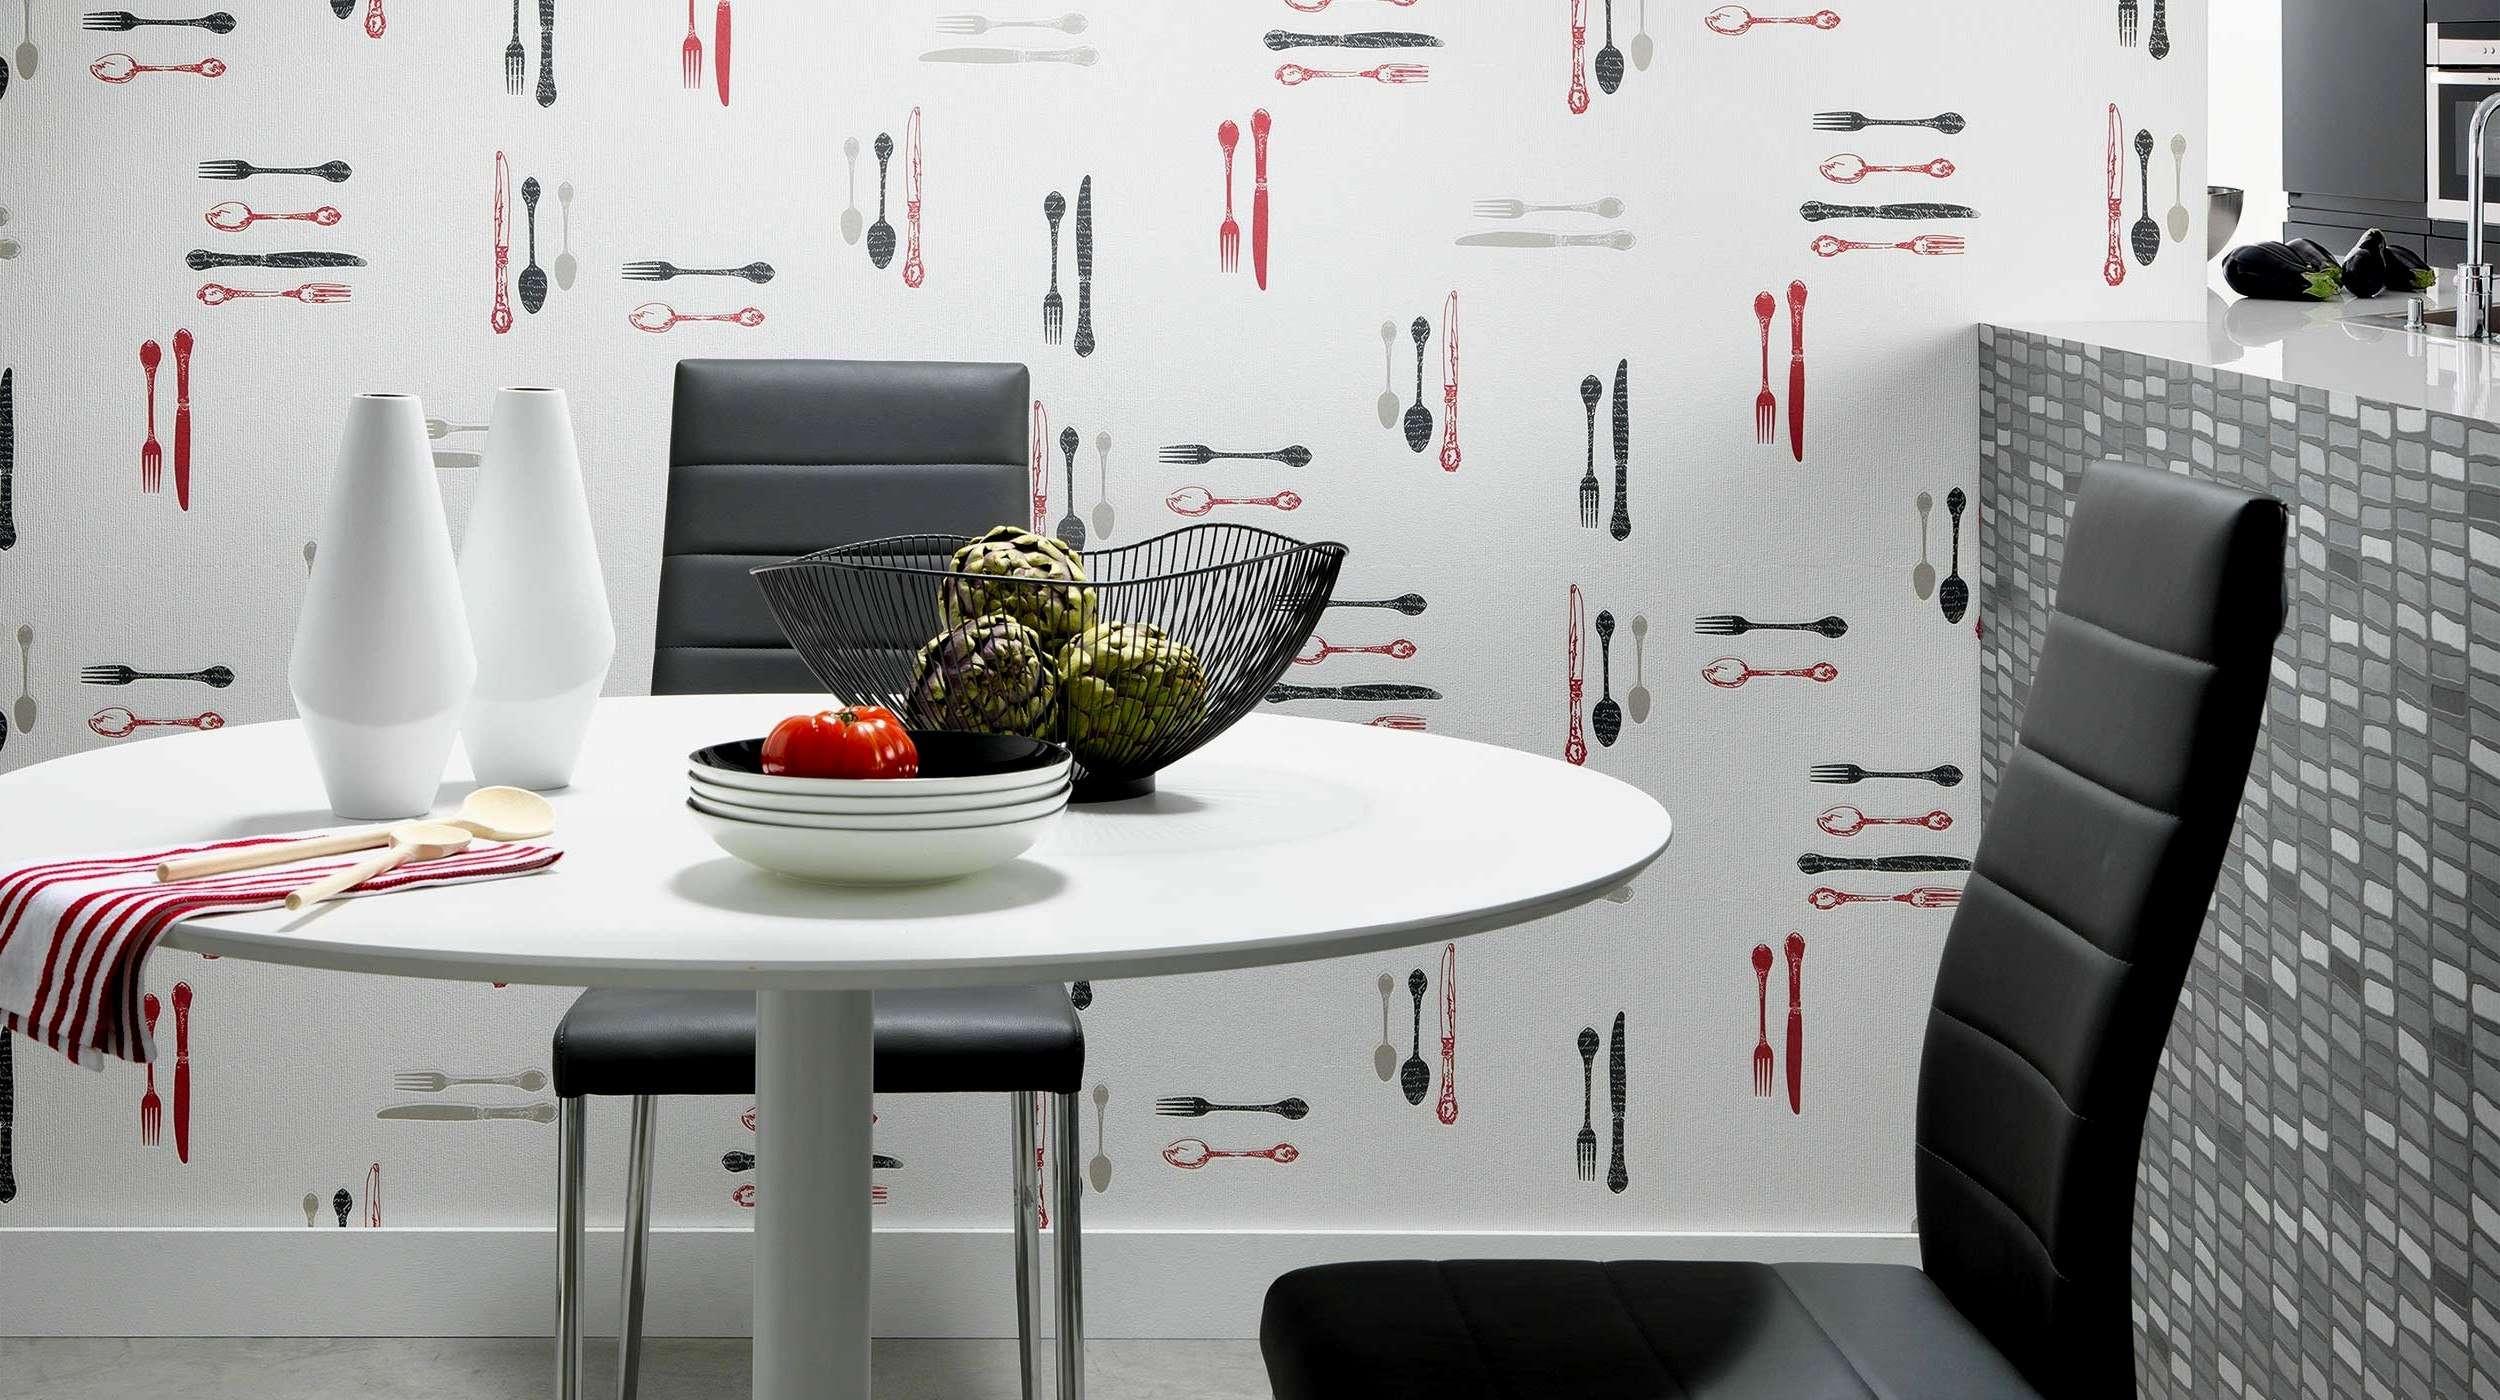 Full Size of Wandtattoo Kaufen Kche Unterschrnke Kche Ikea Arbeitsplatte 3 20 Bezüglich Beste Wandtattoo Sprüche Englisch Küche Wandsprüche